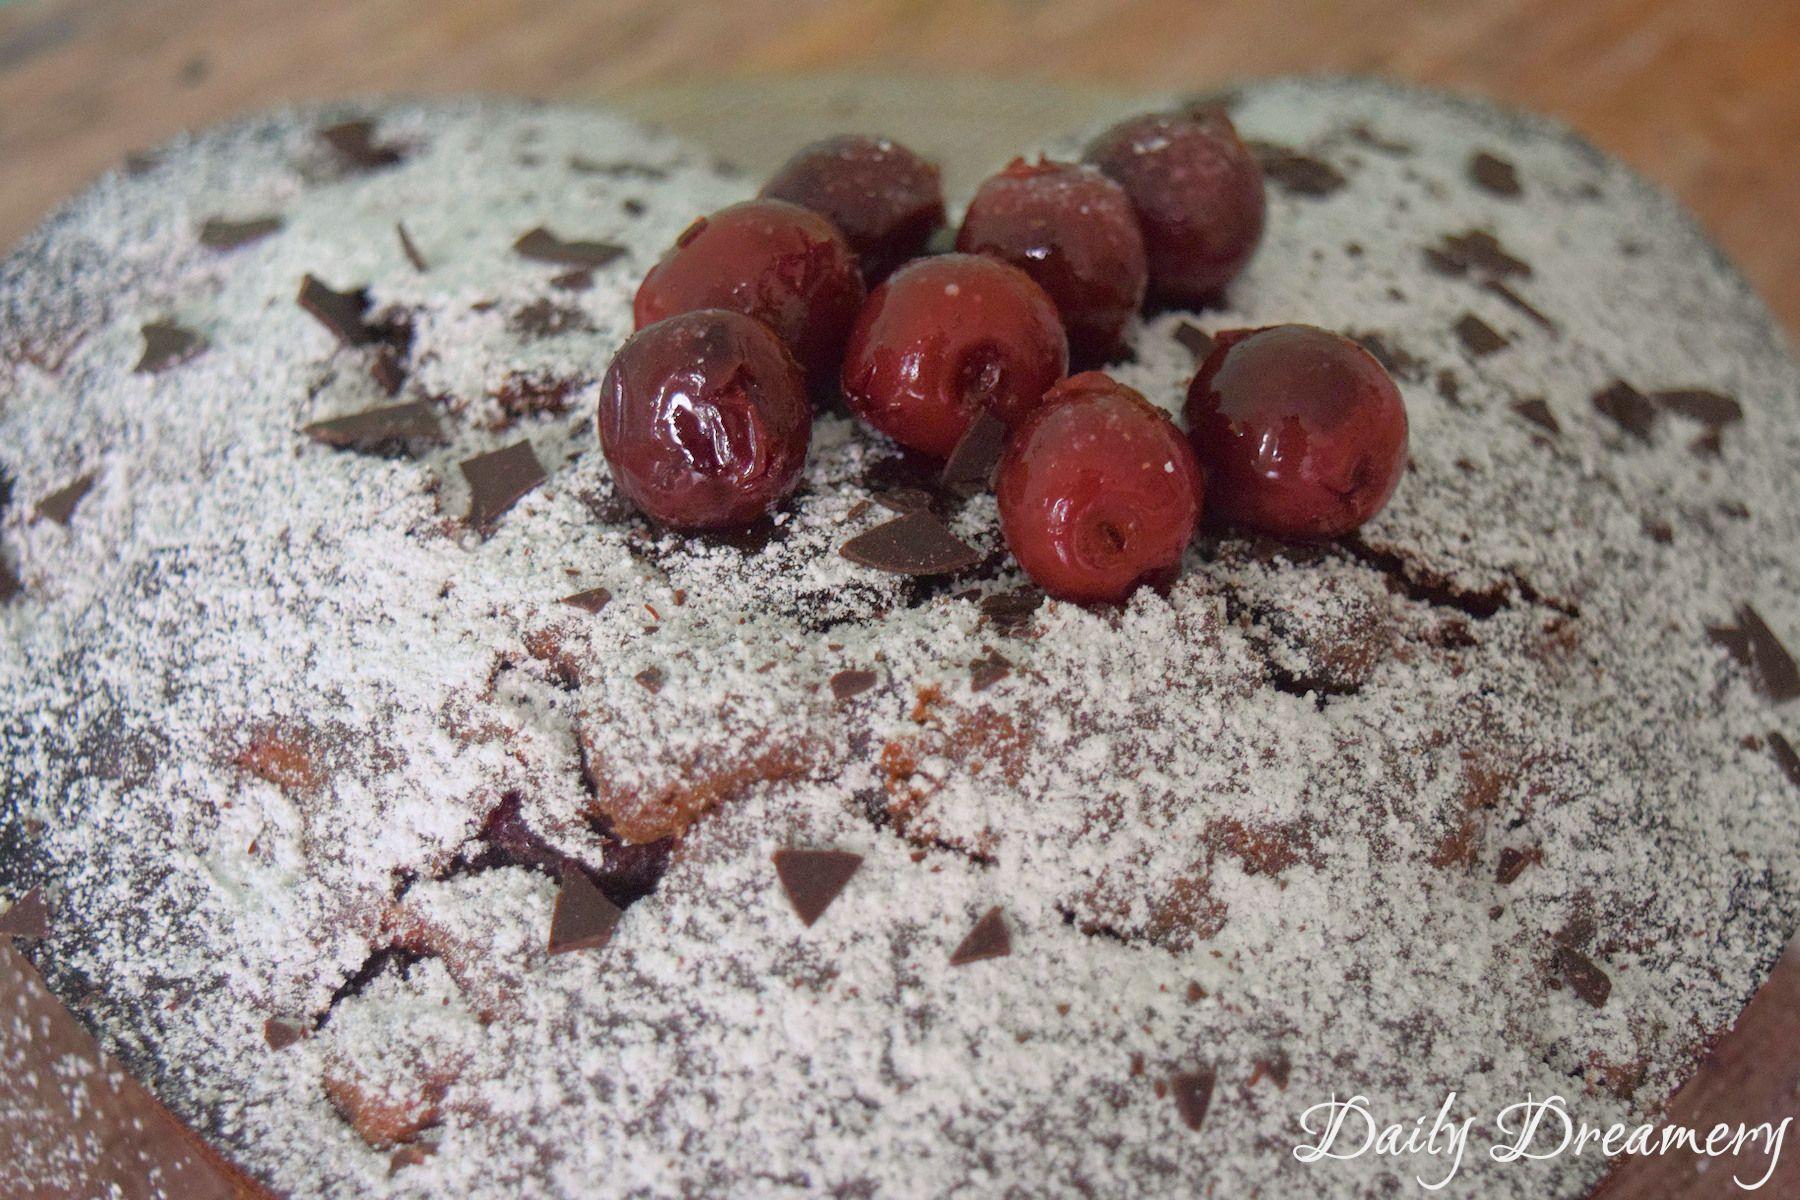 Luftig Lockerer Schoko Kirsch Kuchen Rezept Nachtische